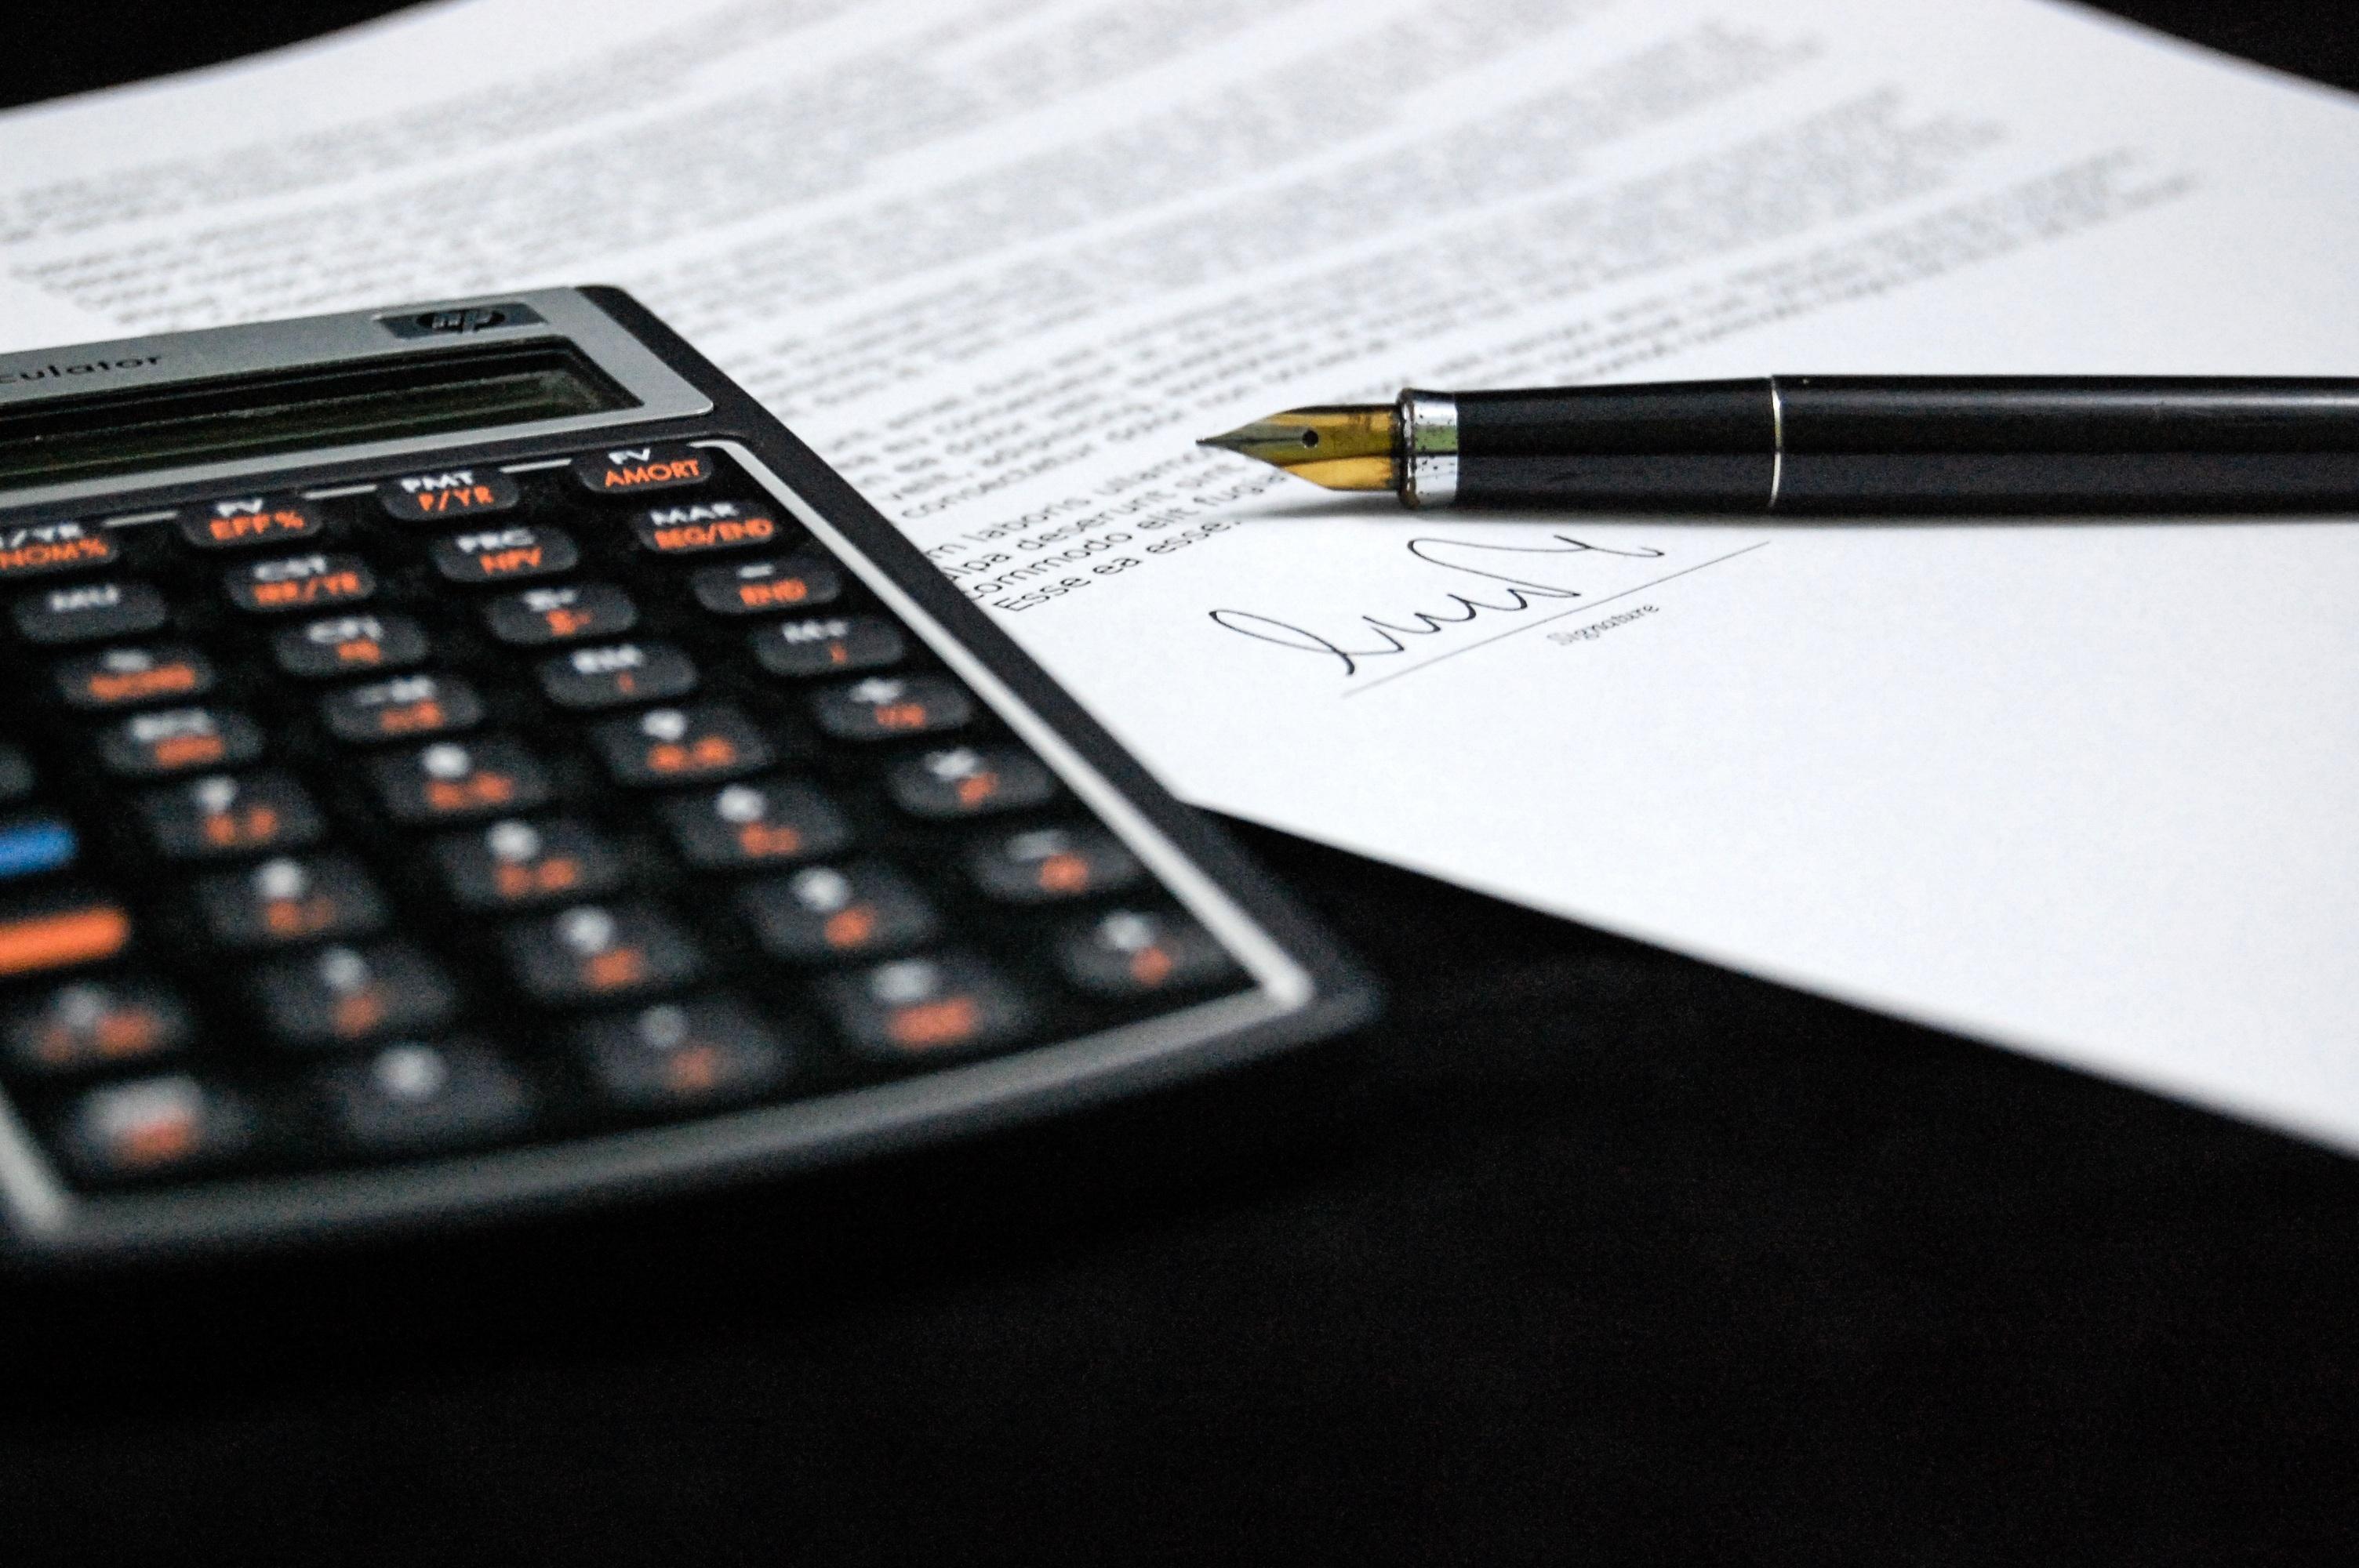 怎么行使效力待定合同的撤销权?合同撤销权何时消灭?